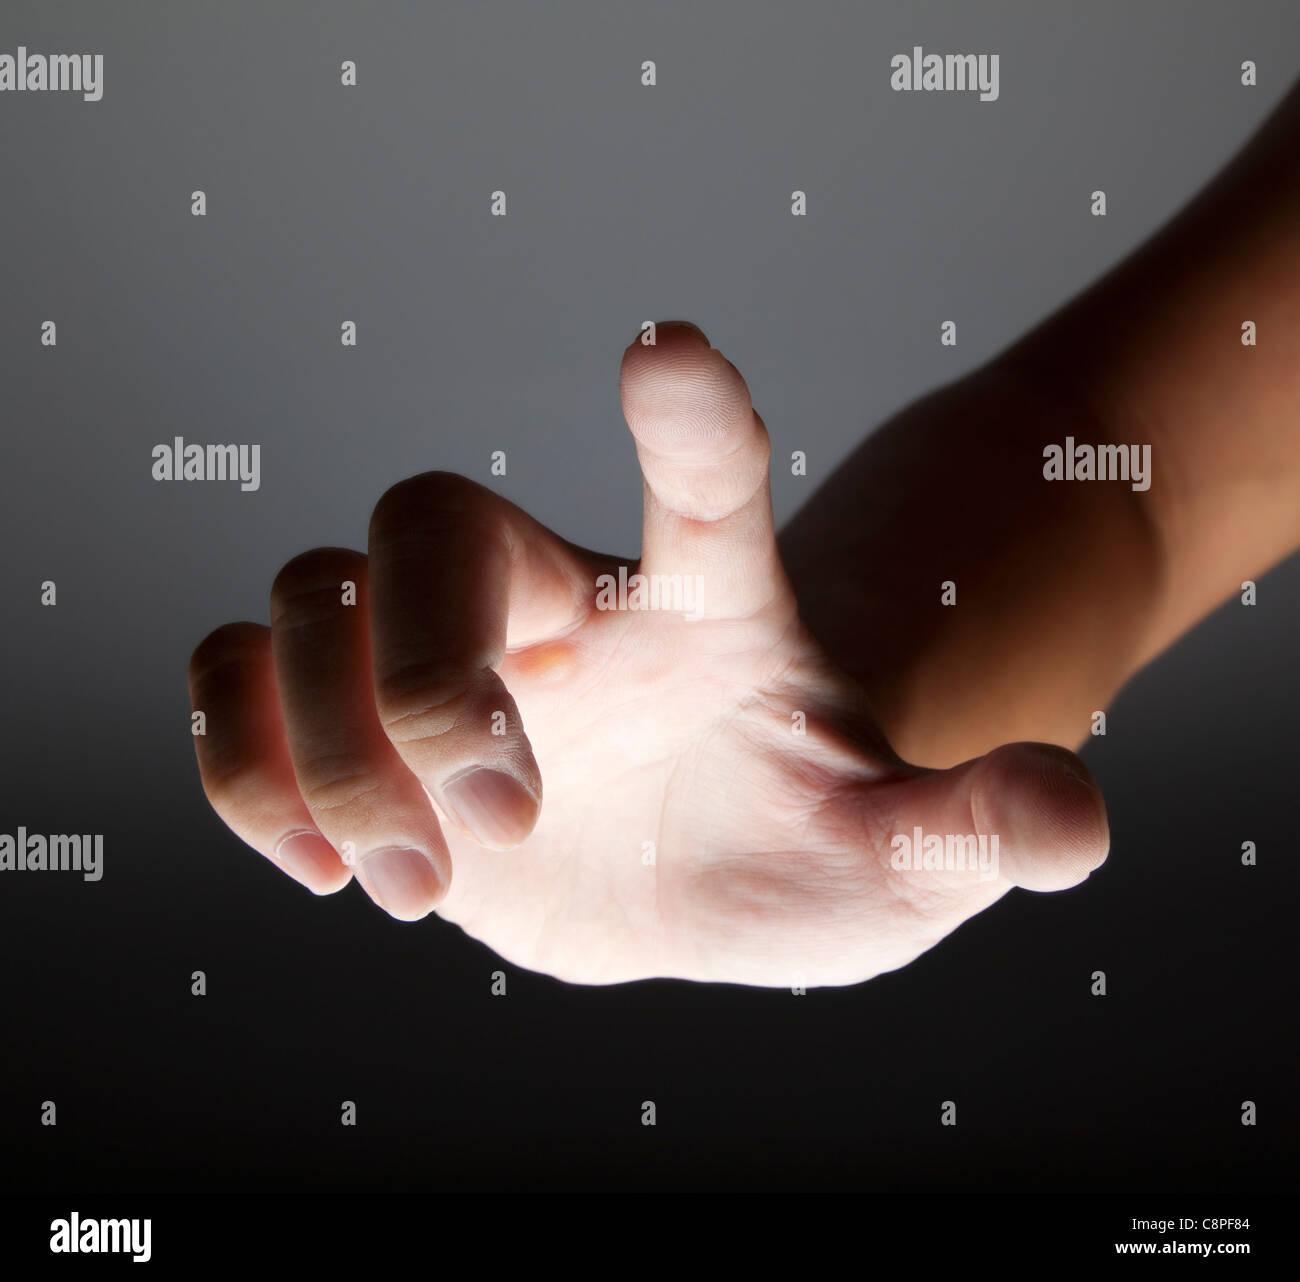 Toccando la mano nel buio Immagini Stock